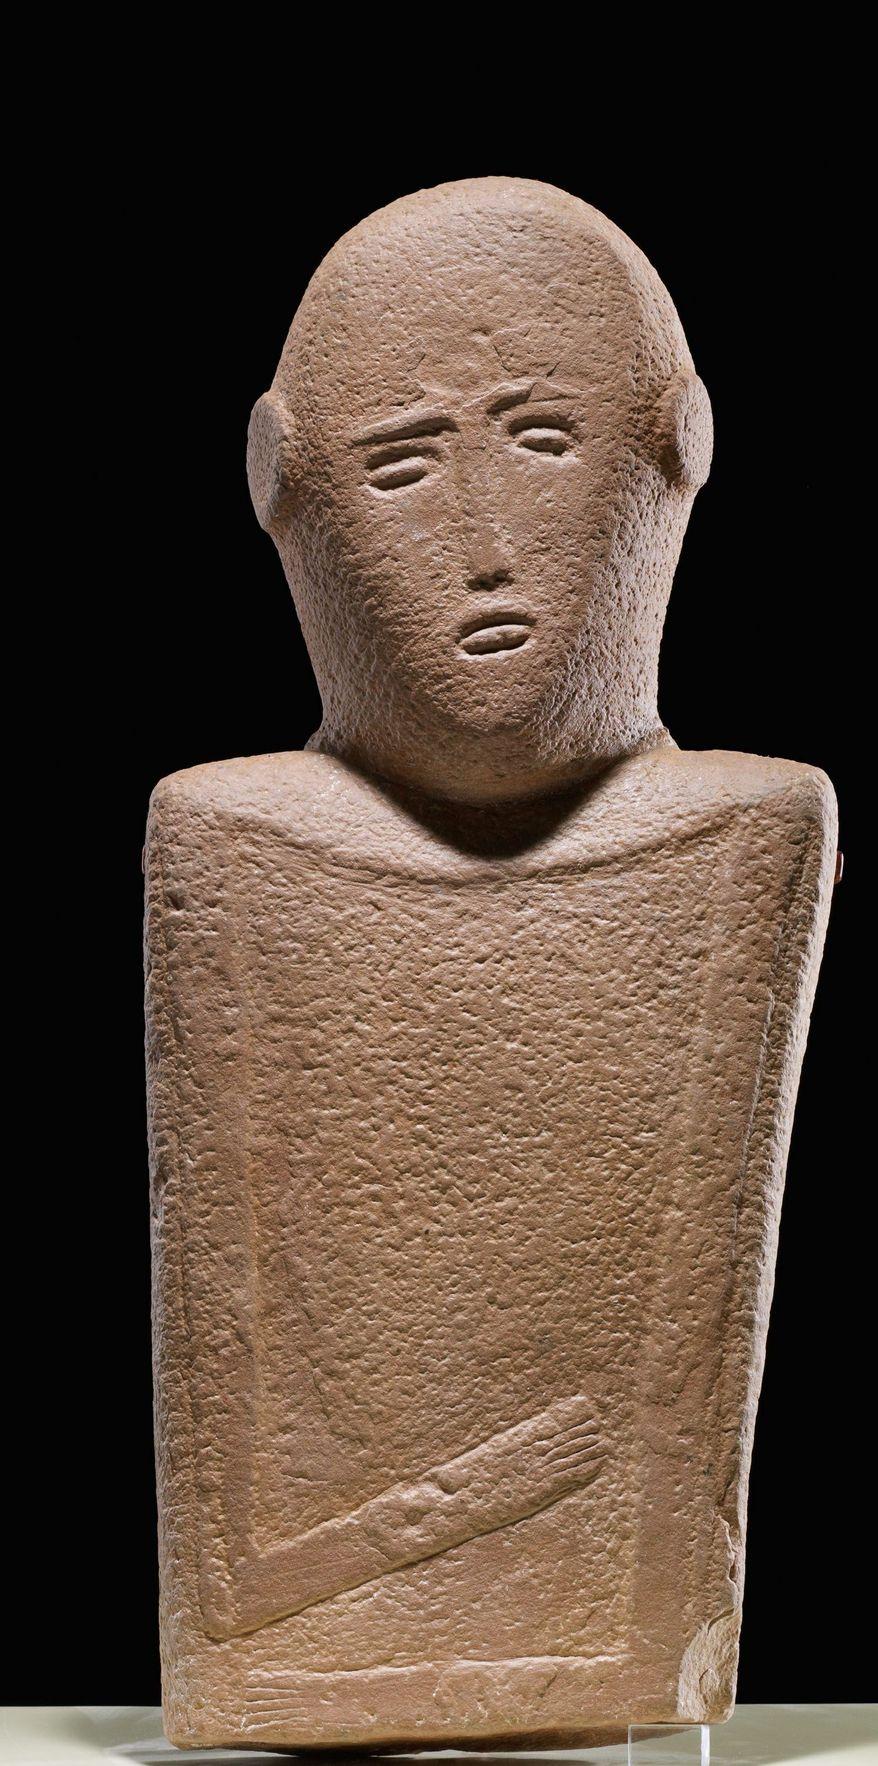 Anthropomorphic stele, sandstone, 4th millennium B.C.